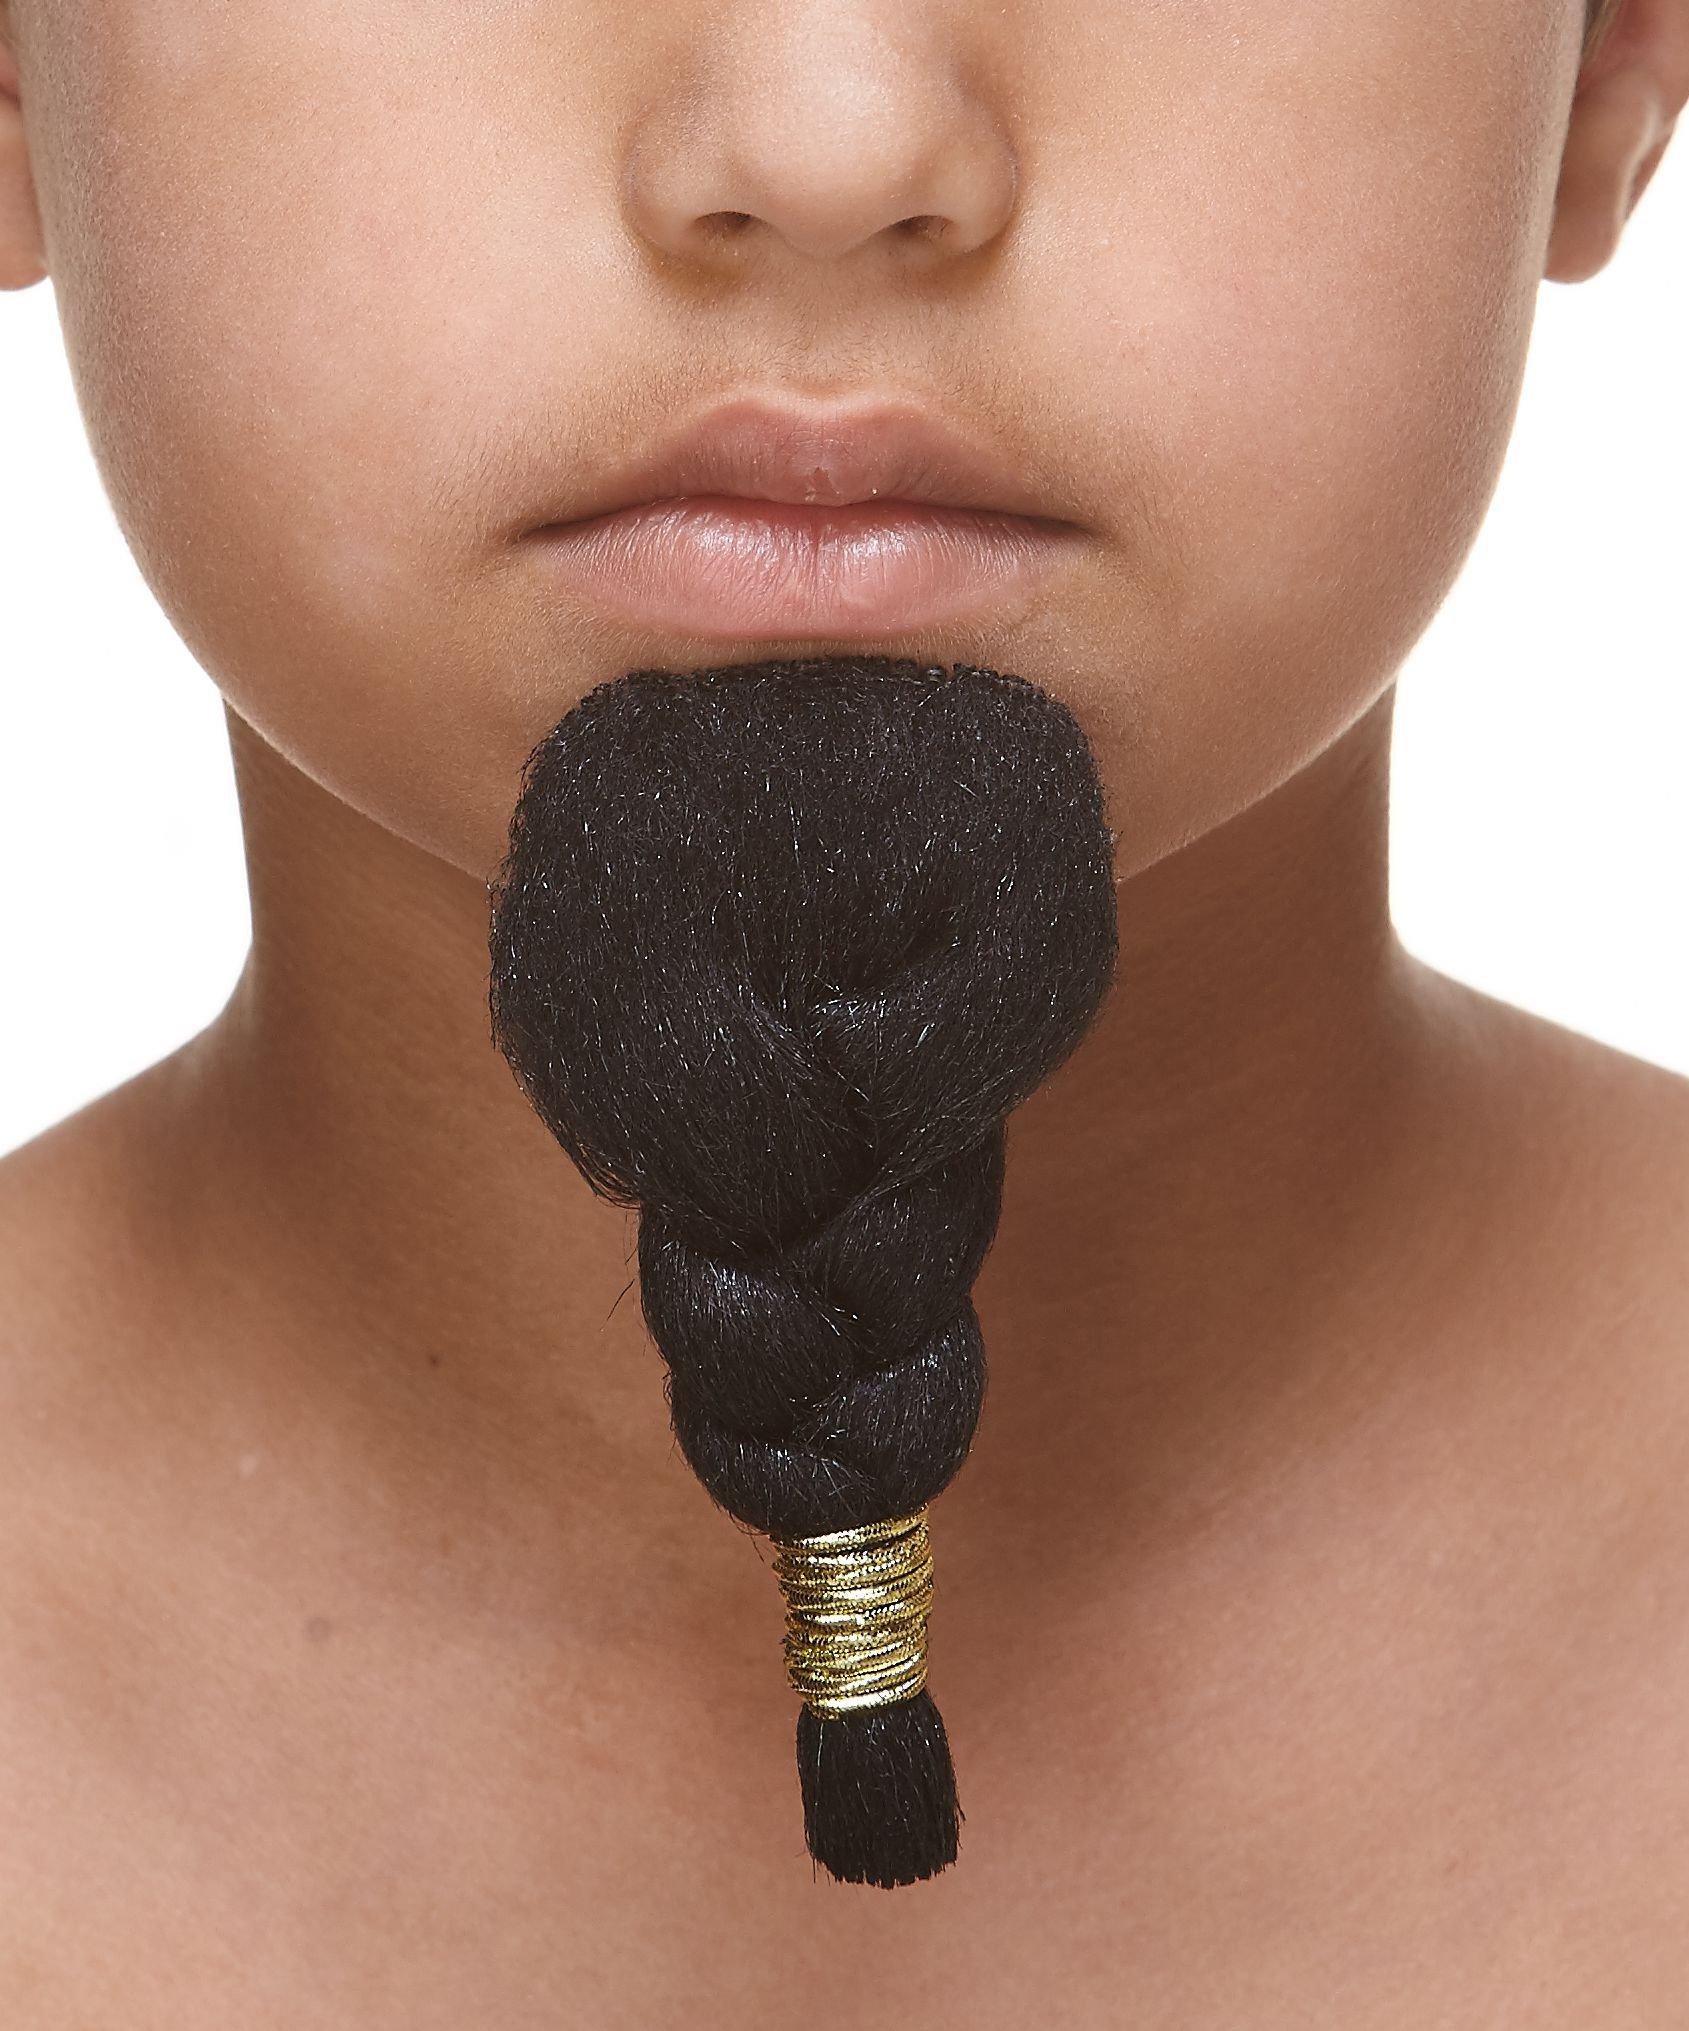 Mustaches Self Adhesive, Novelty, Fake, Small Pharaoh Beard, Black Color